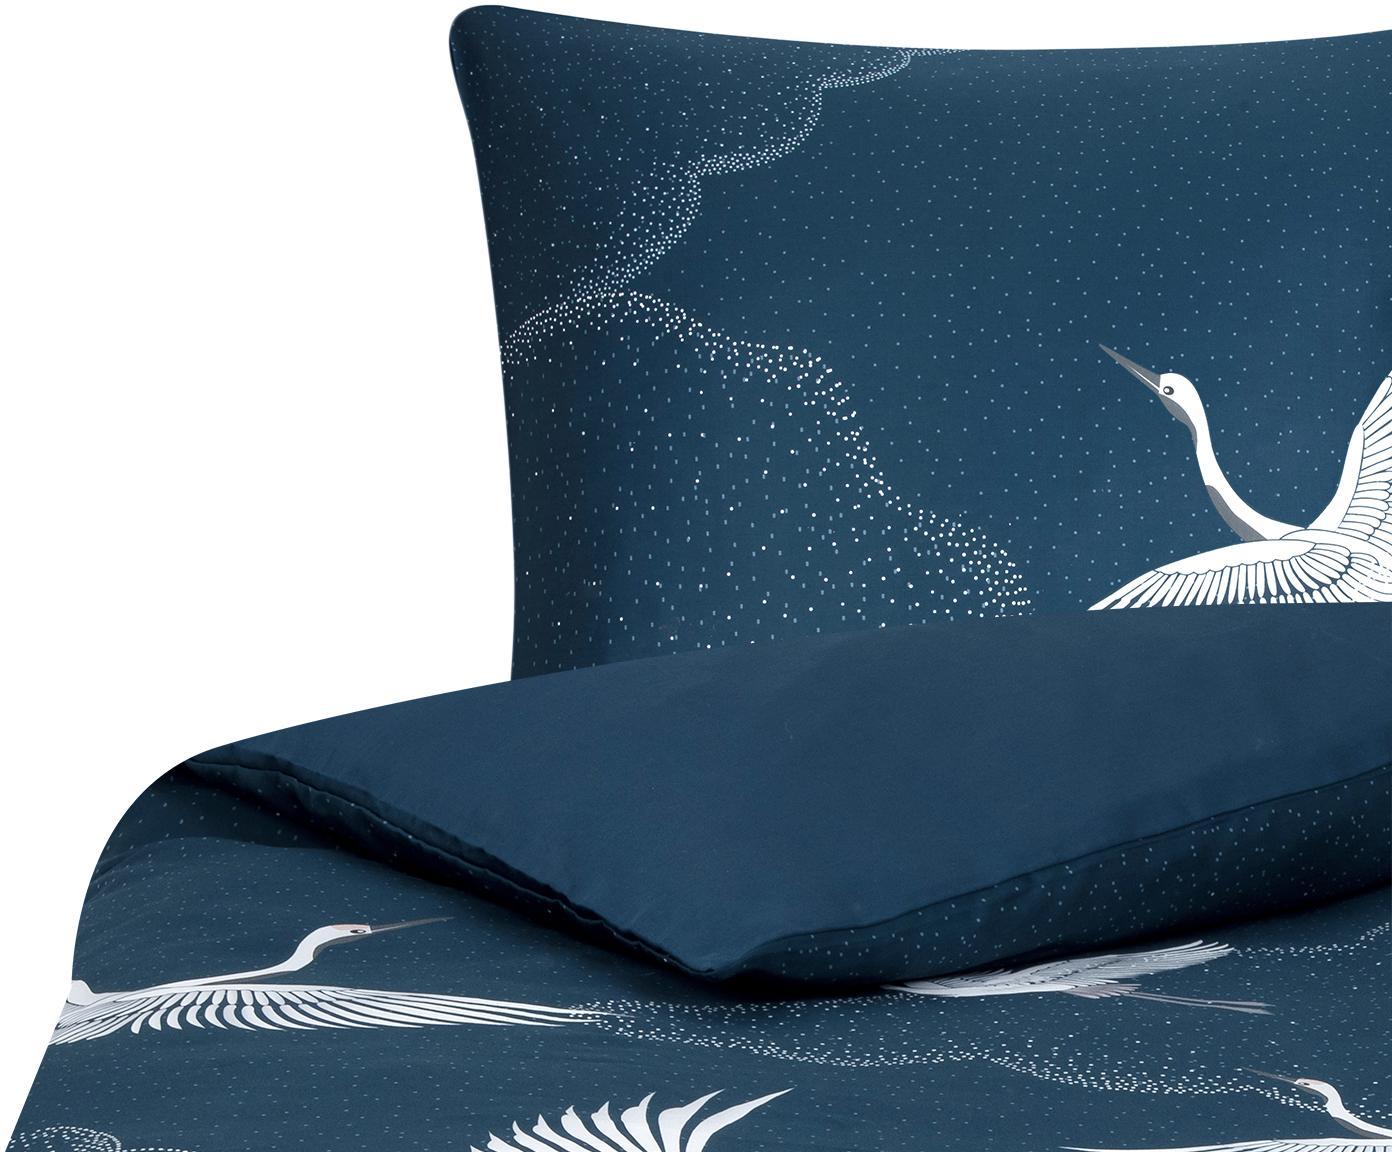 Baumwollsatin-Bettwäsche Yuma mit Kranichmotiv, Webart: Satin Fadendichte 210 TC,, Blau, Weiß, Grau, 155 x 220 cm + 1 Kissen 80 x 80 cm